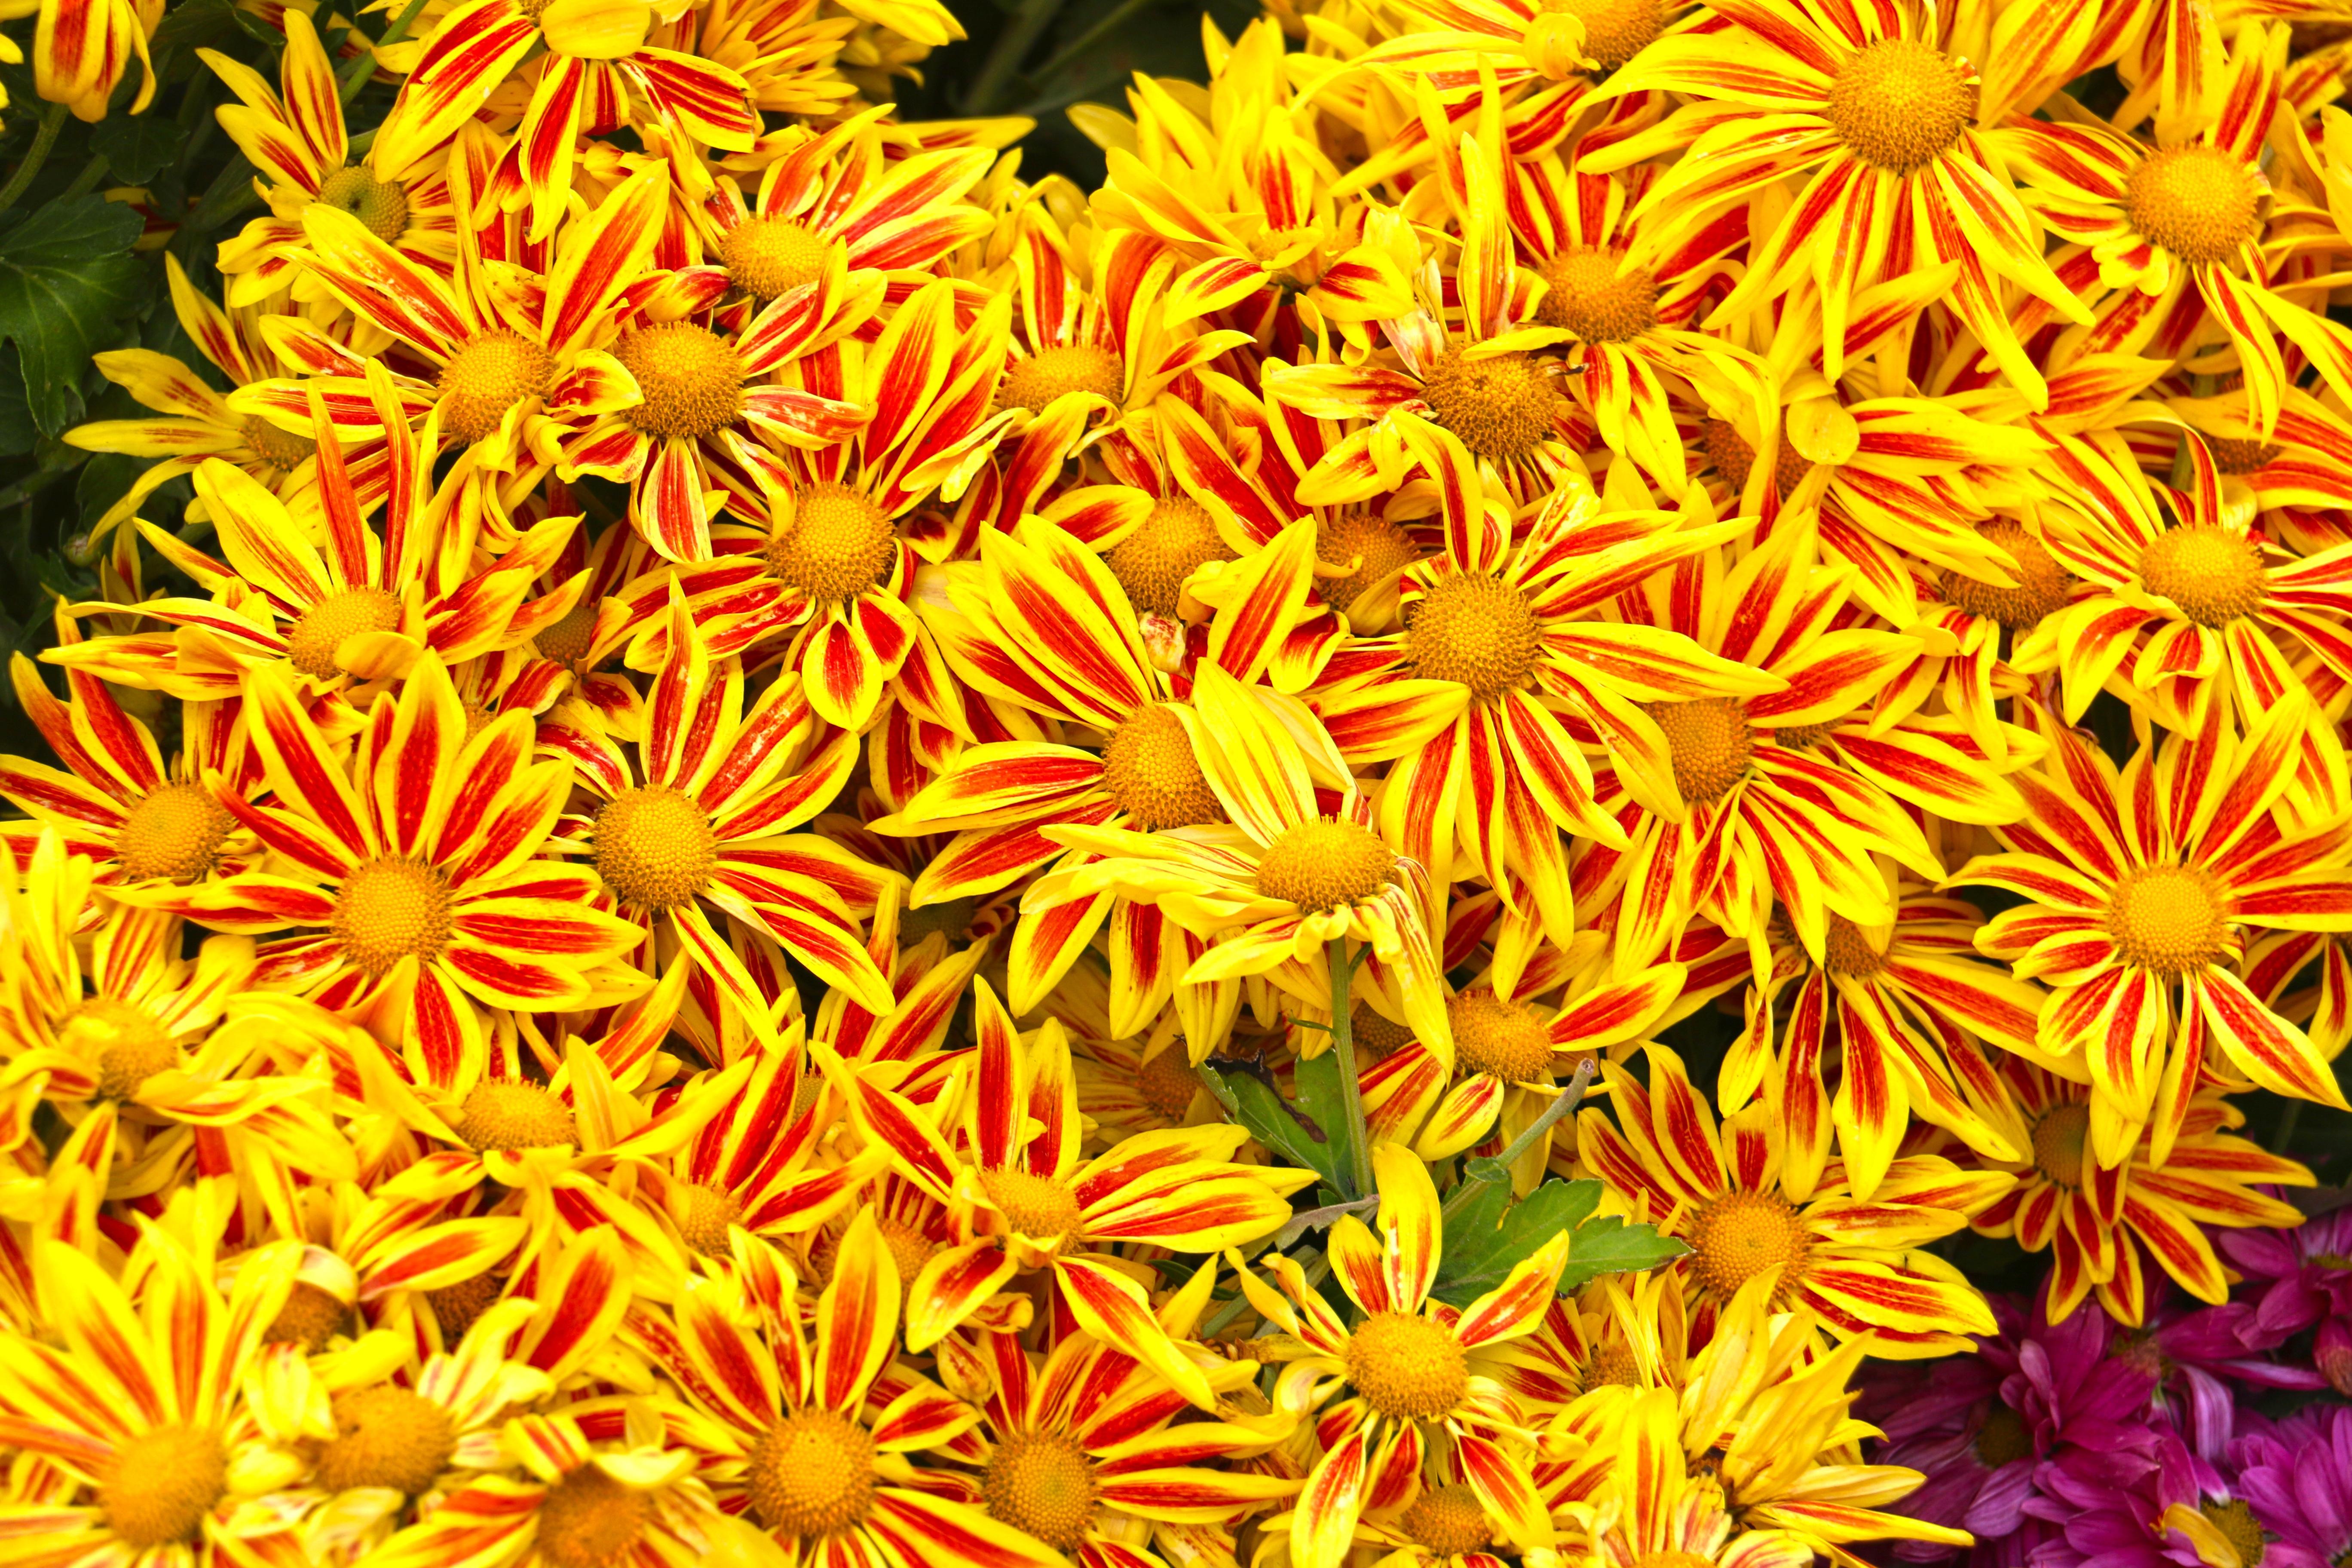 Fotos gratis : flor, pétalo, botánica, flora, girasol, Arrecife de ...